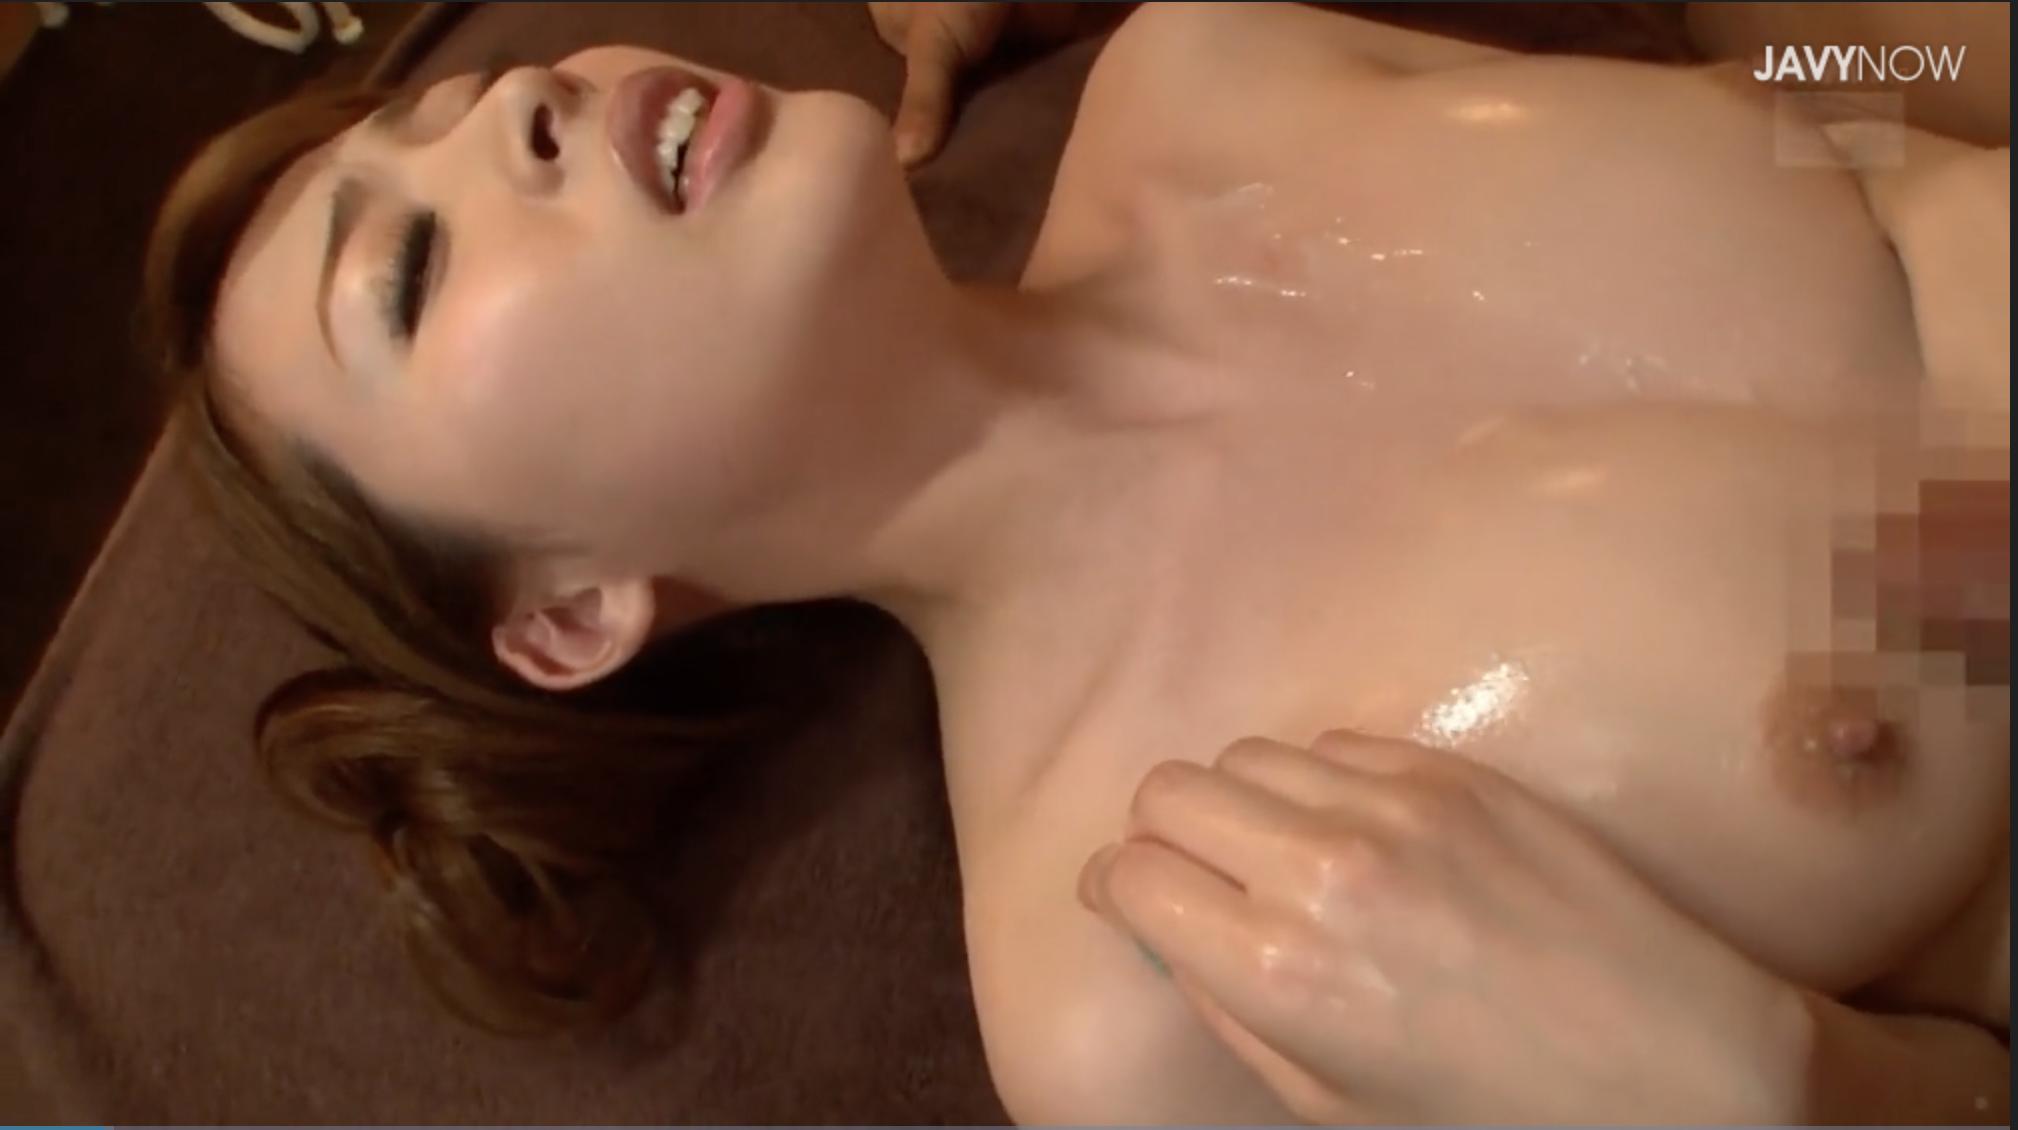 【エロ動画】「あぁ!ああんっ乳首イクぅ」自らお◯んぽ擦り付けて乳首イキする超敏感乳首の巨乳美女